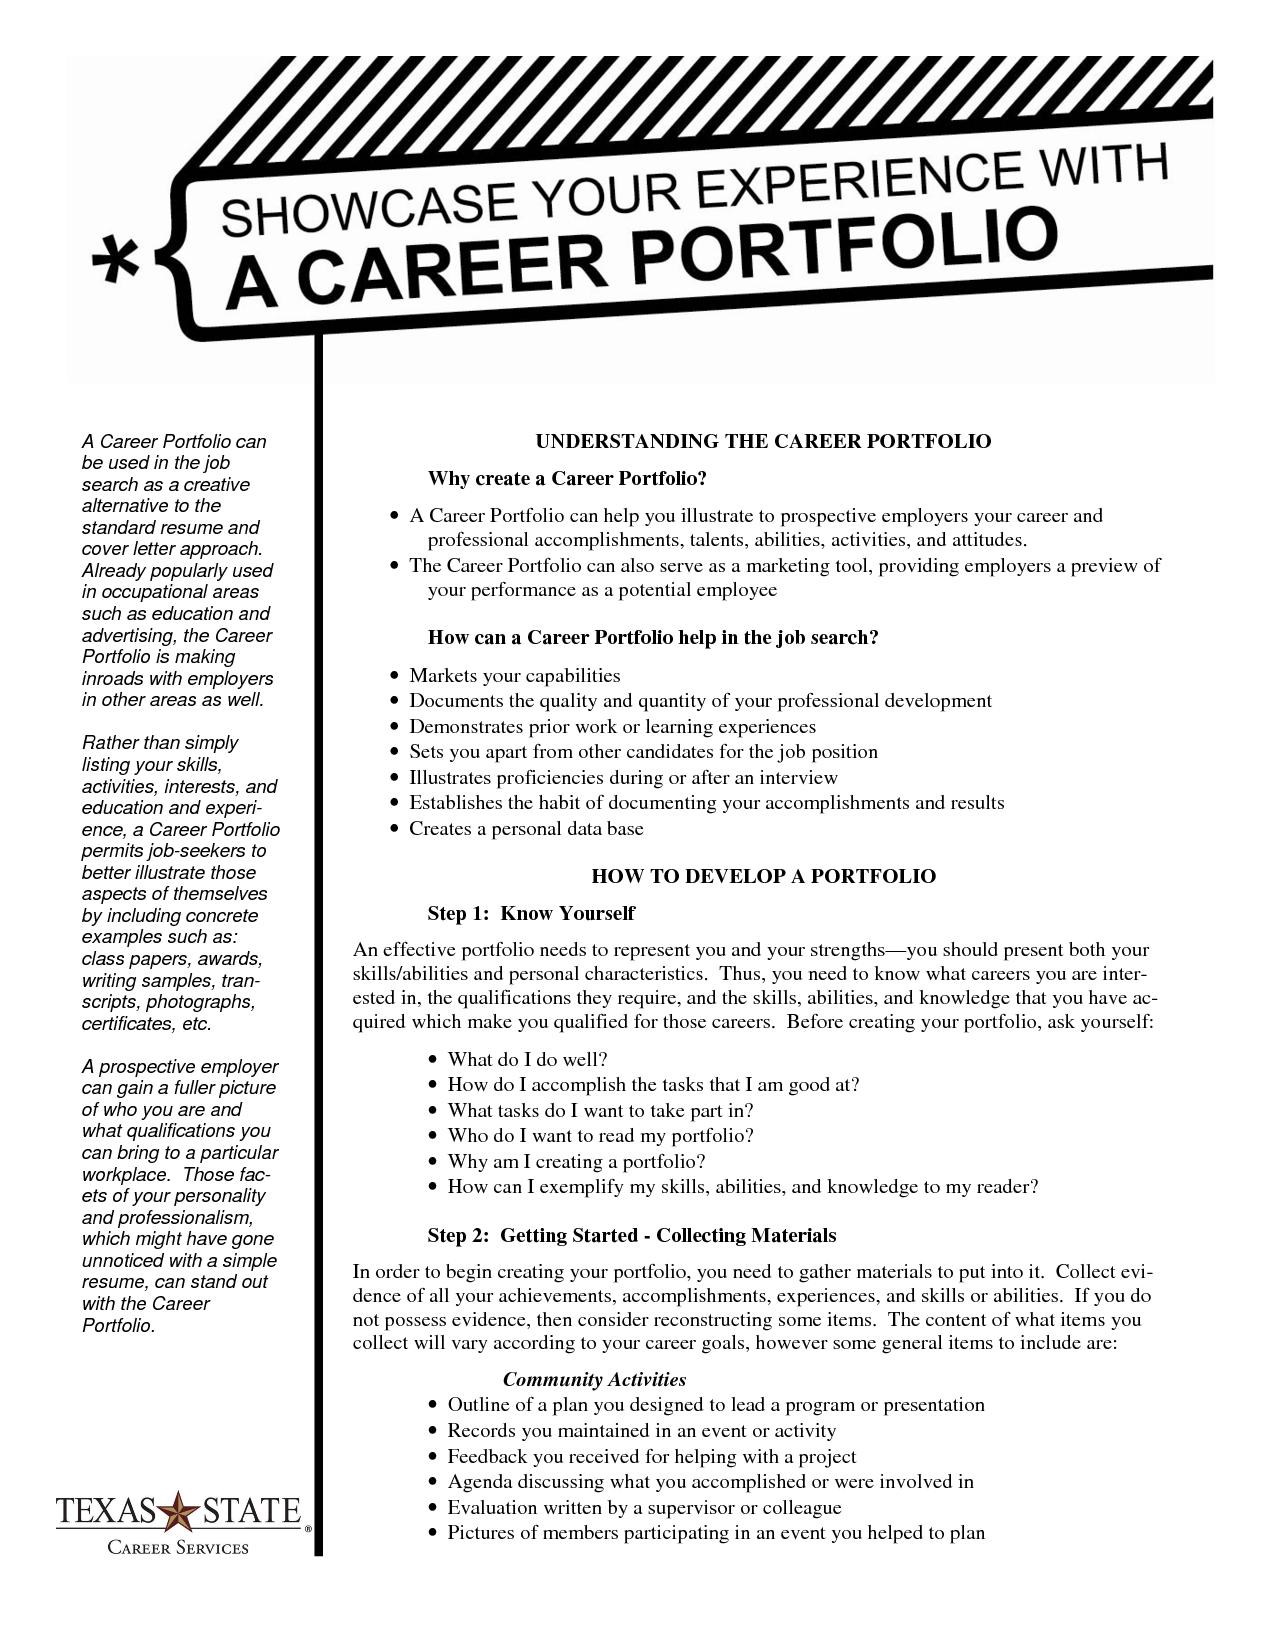 sample of portfolio outline | Career Portfolio Handout | Job ...